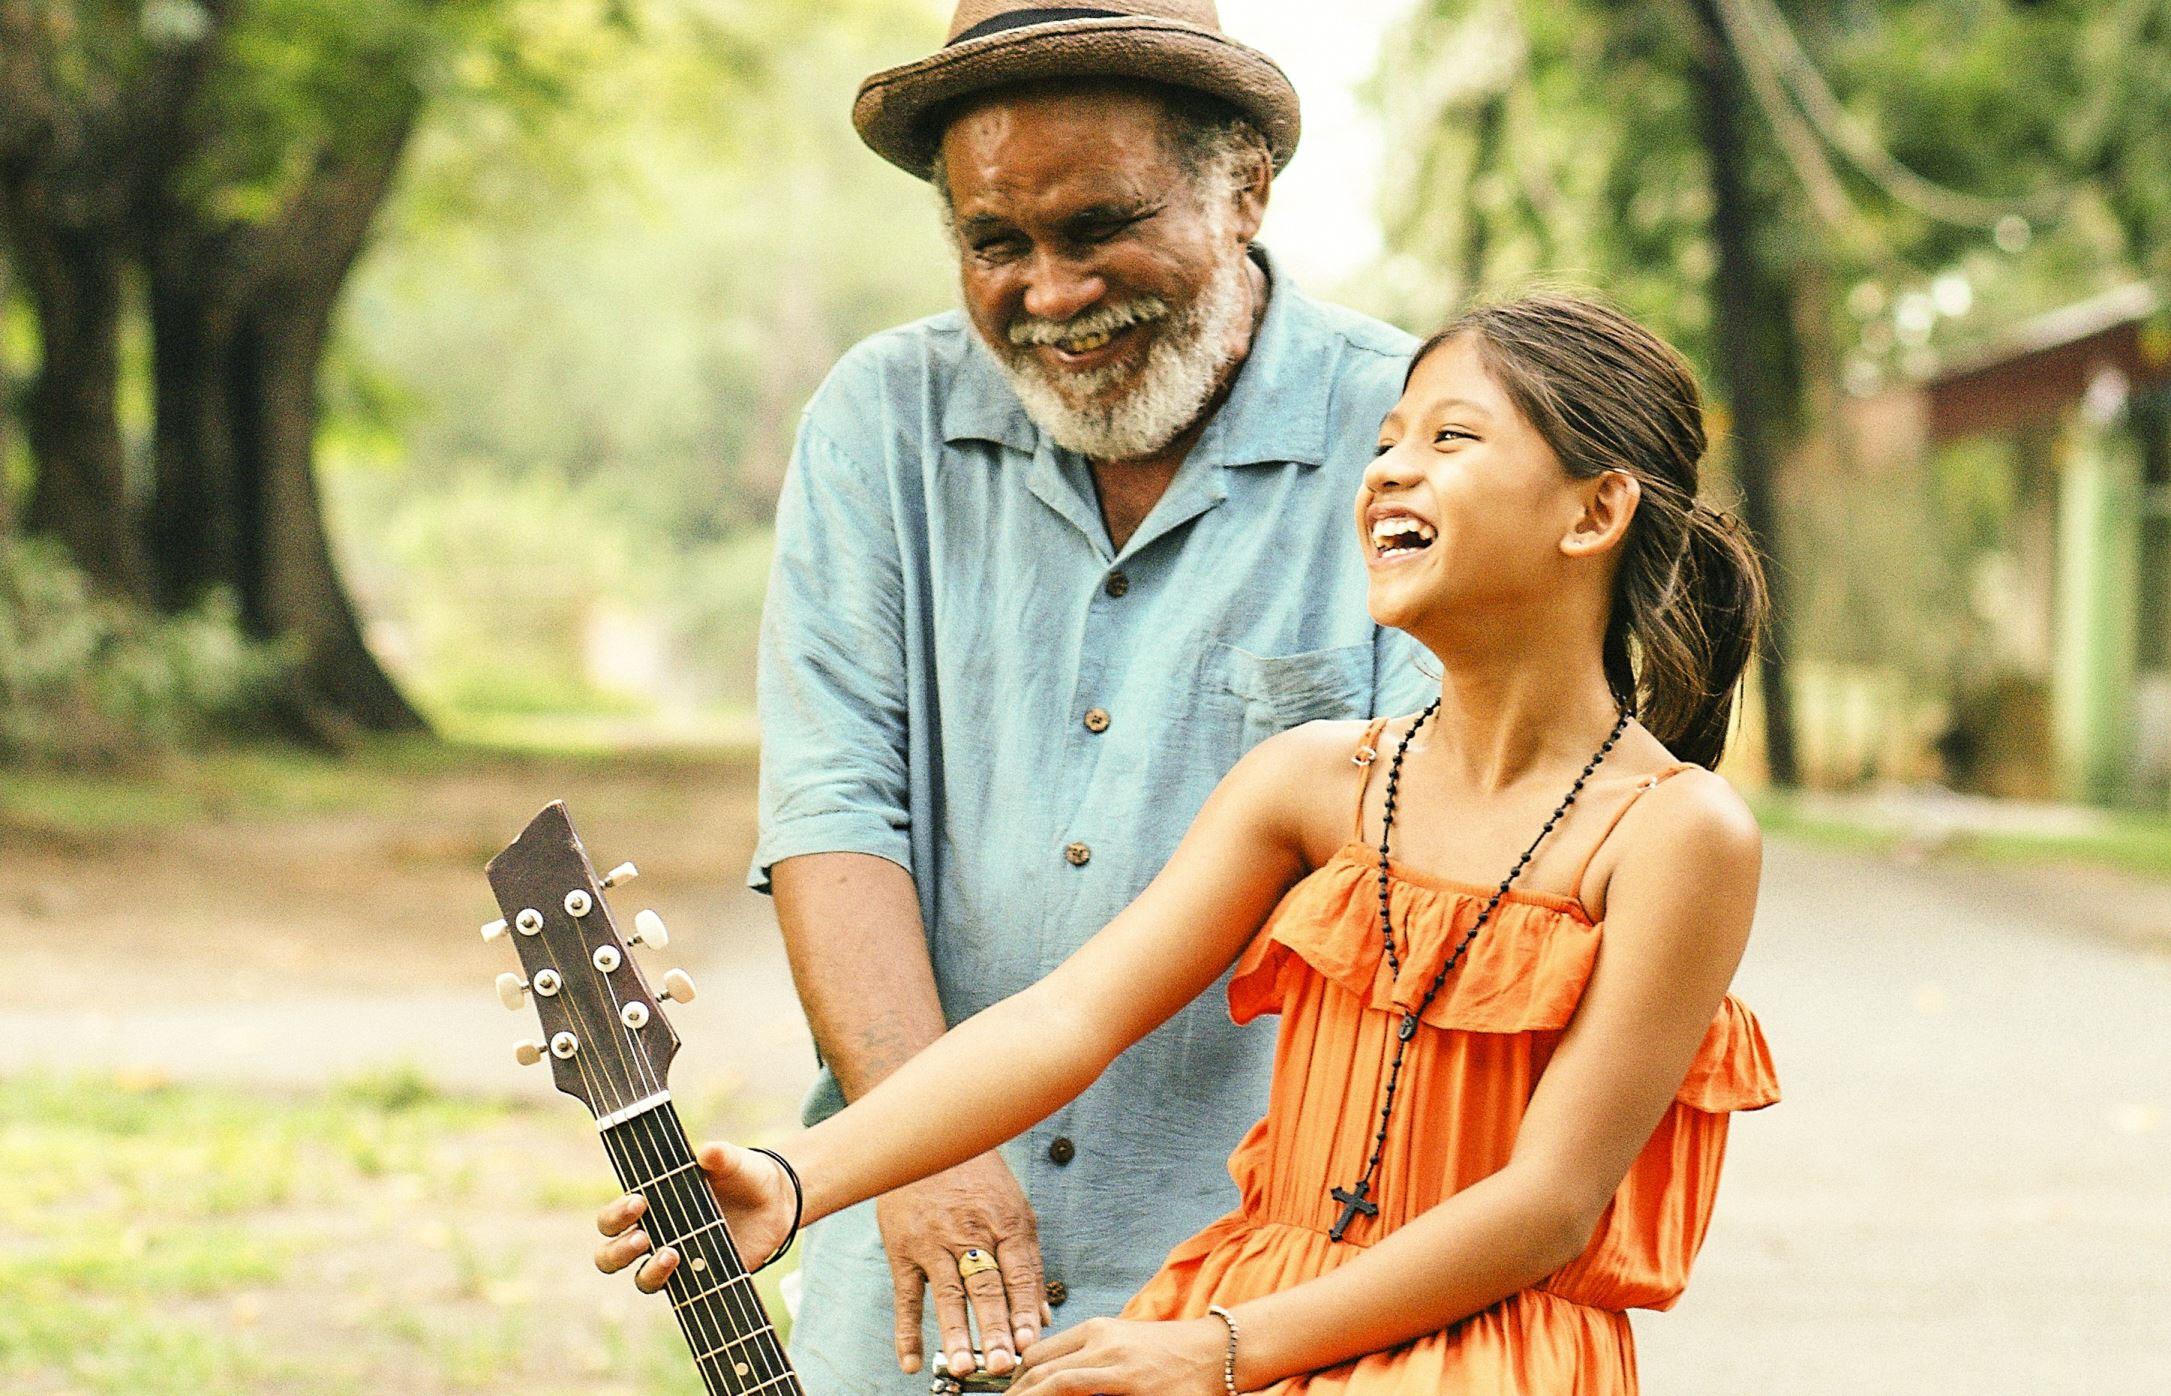 映画「ブランカとギター弾き」のシーン画像